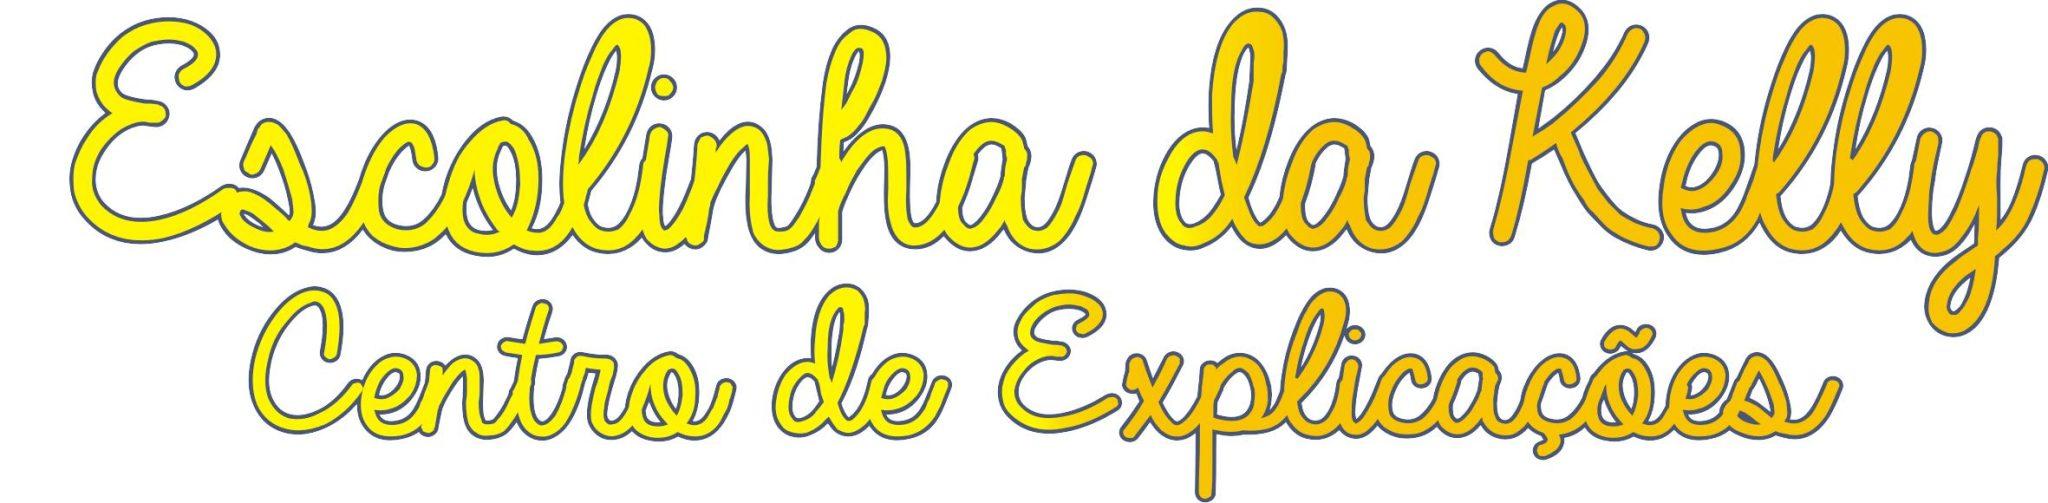 logotipo escolinha da kelly